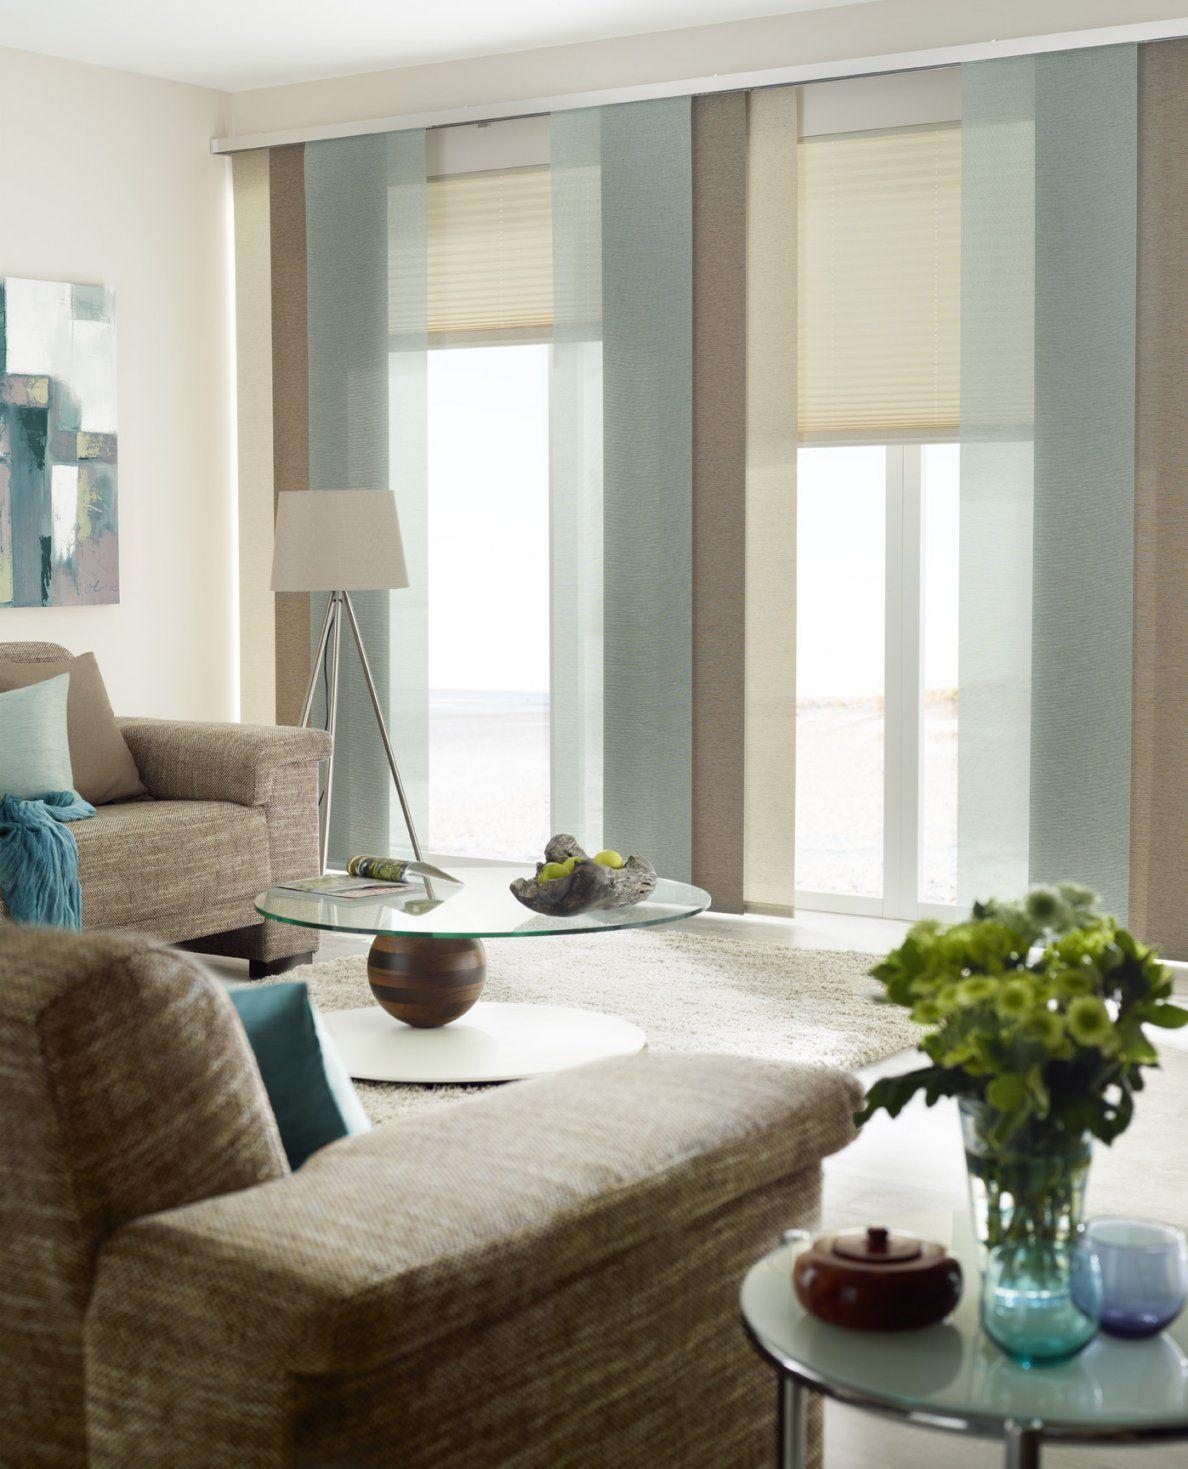 Inspiration Gardinen Für Bodentiefe Fenster Konzept  Gartendesign von Gardinen Ideen Für Bodentiefe Fenster Photo